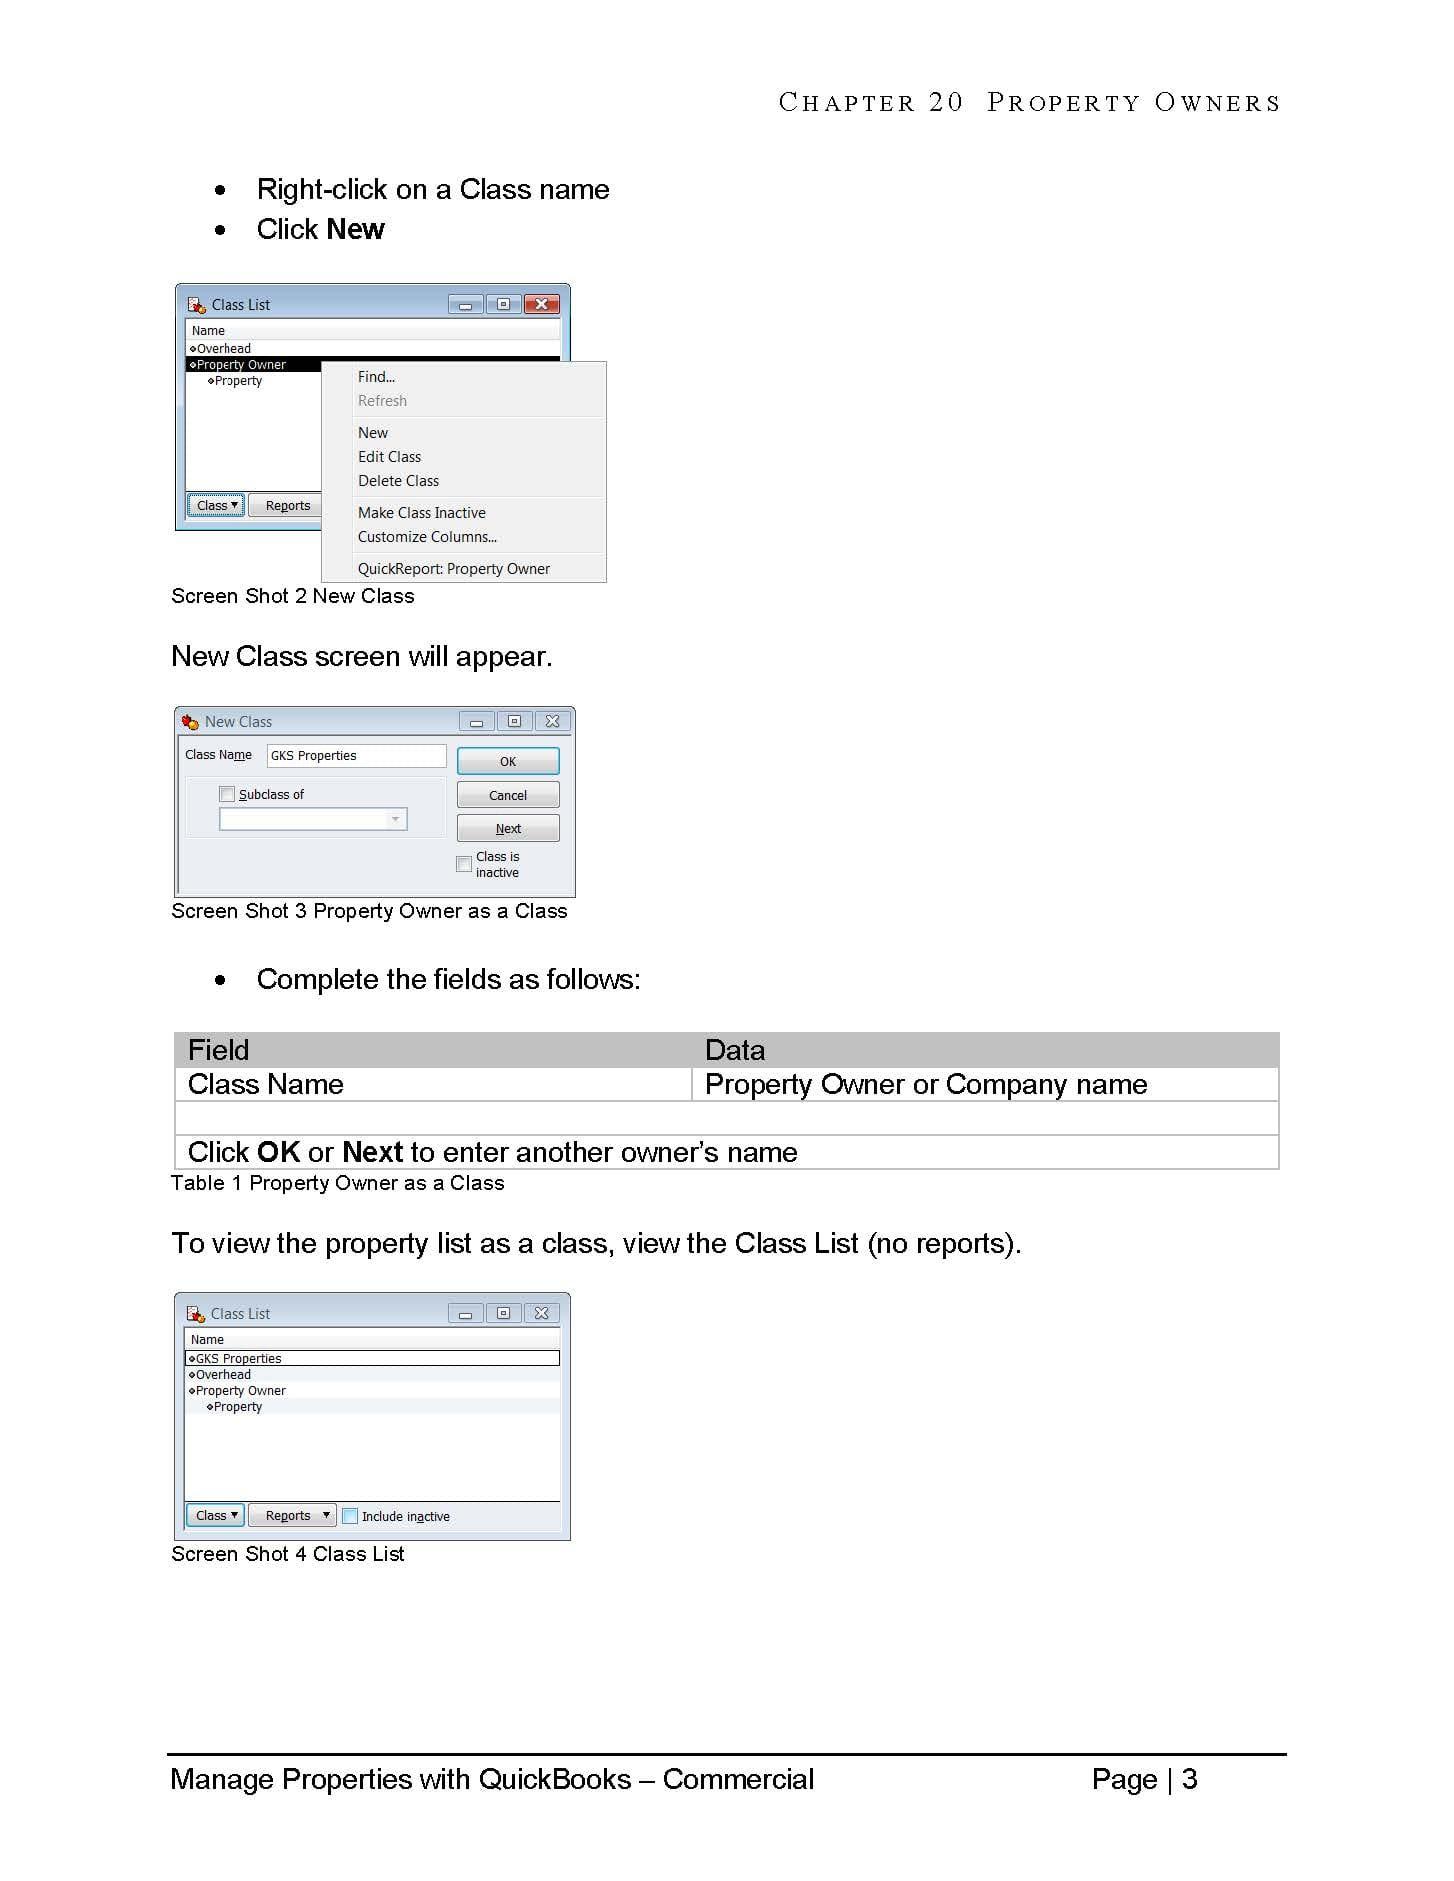 Commercial Property Management for Investors: QuickBooks Desktop